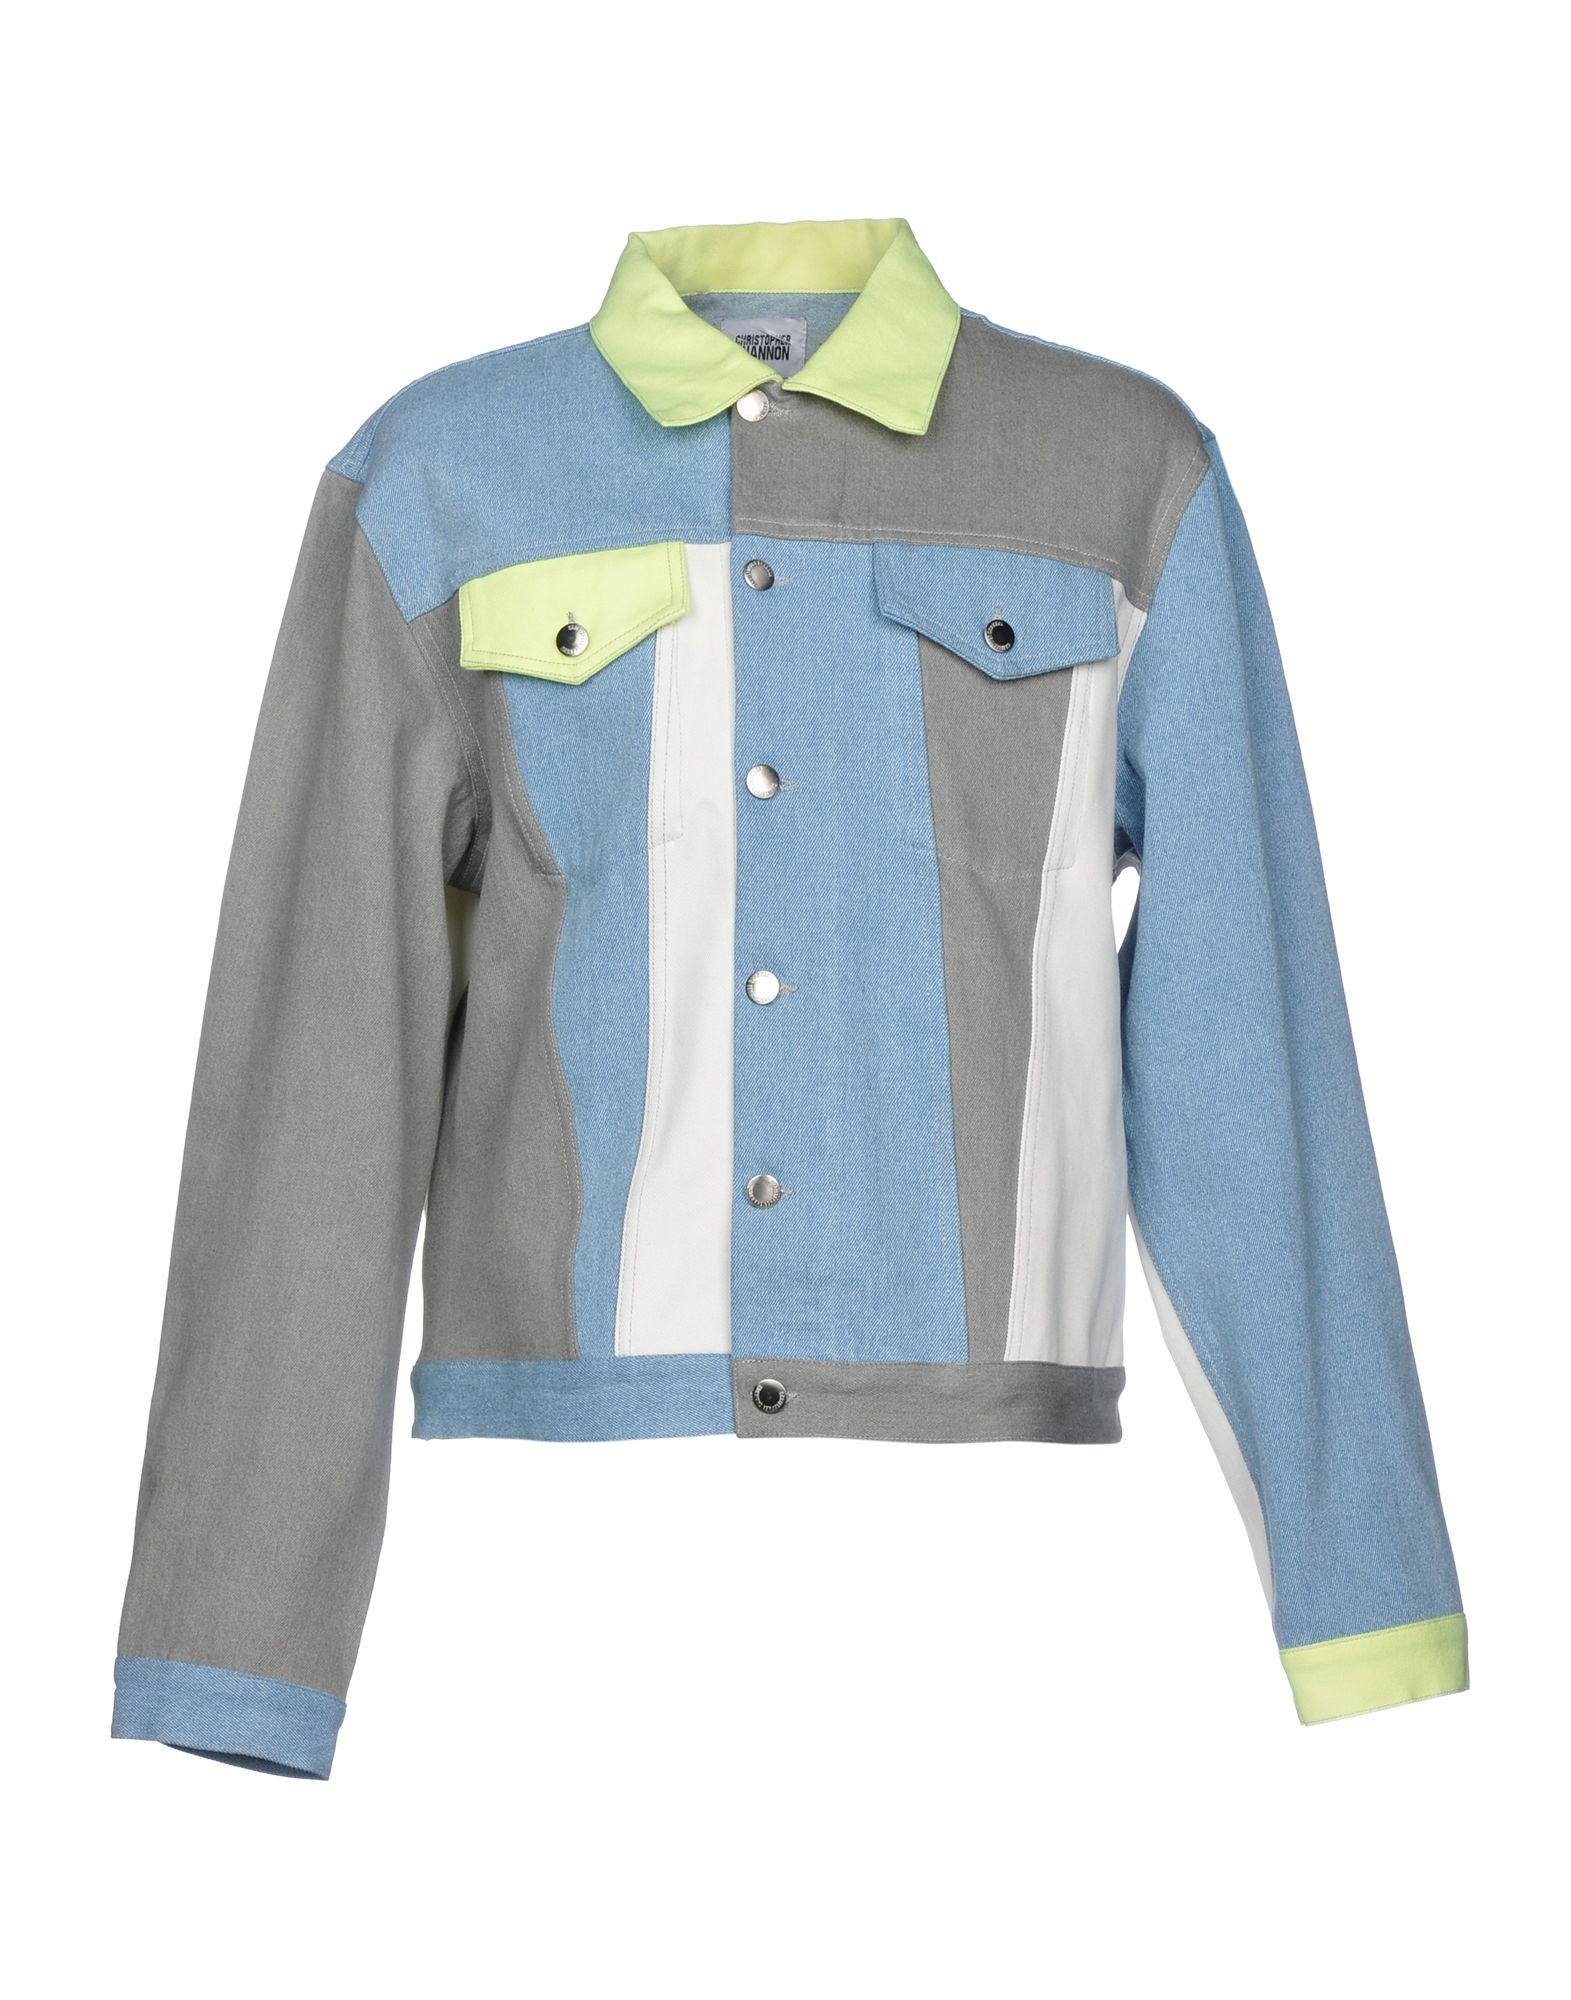 CHRISTOPHER SHANNON Джинсовая верхняя одежда брендовая одежда